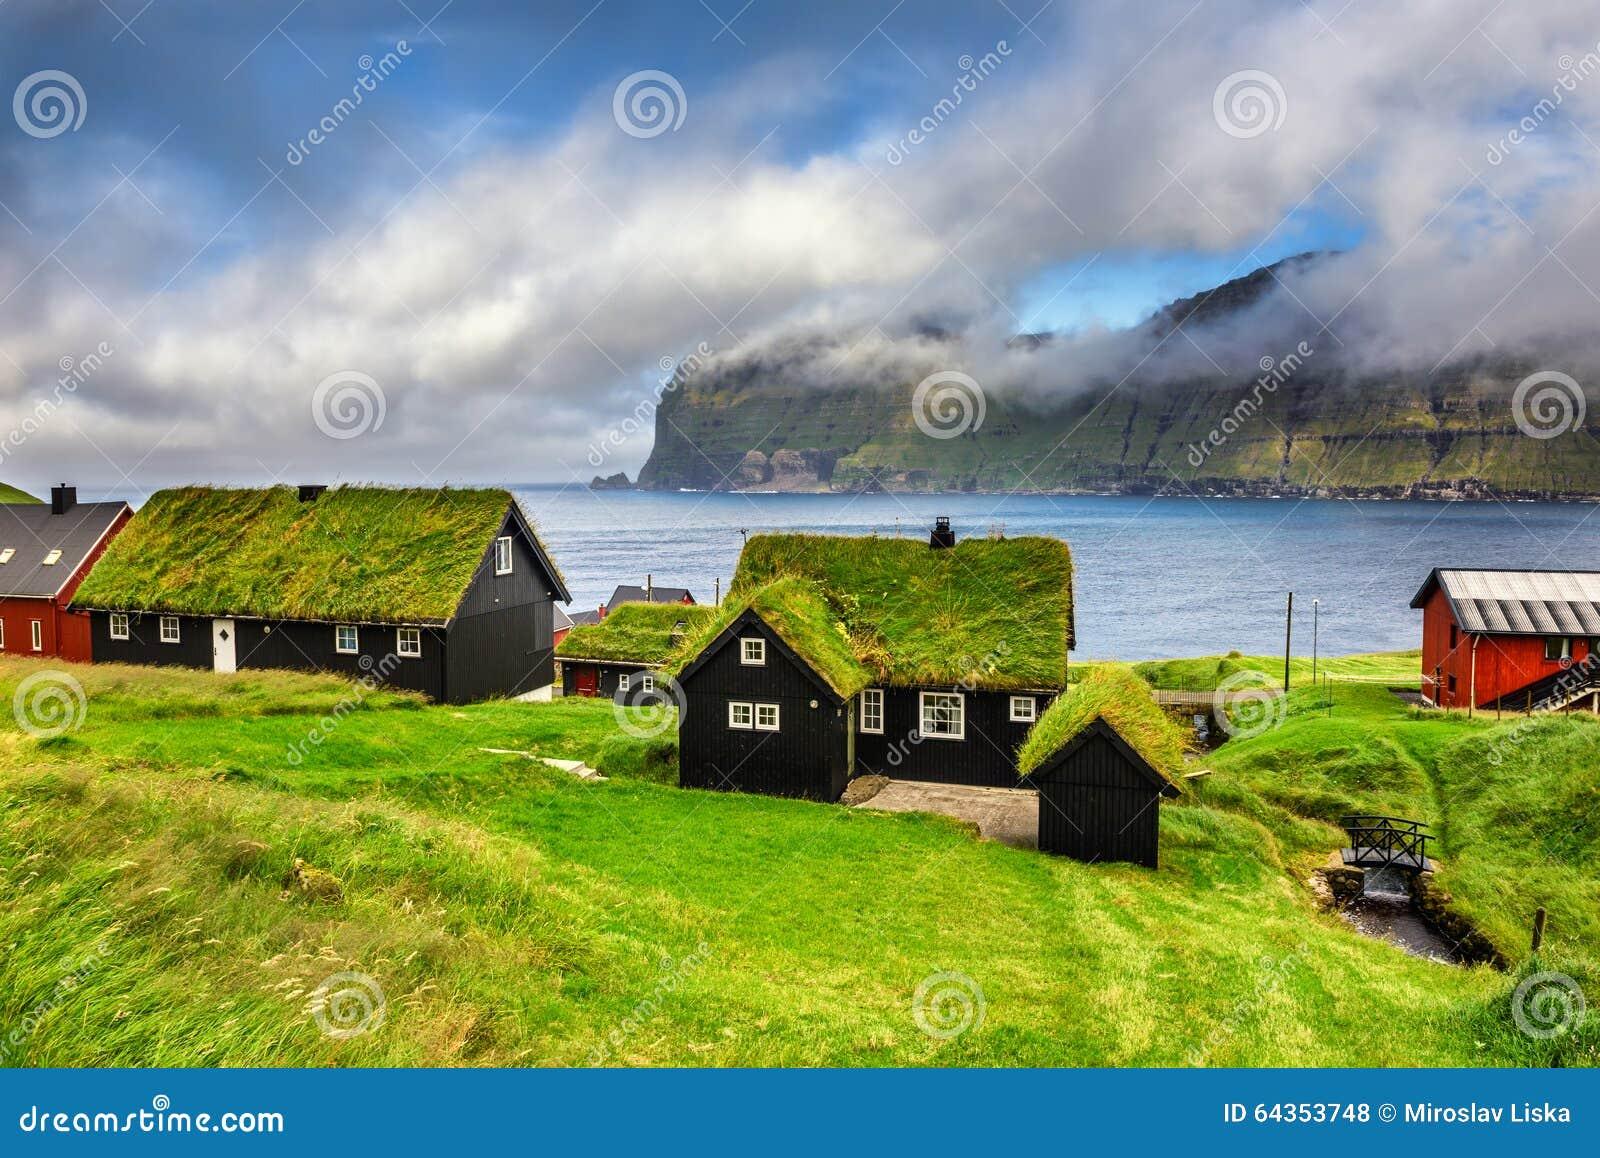 Village de Mikladalur, les Iles Féroé, Danemark